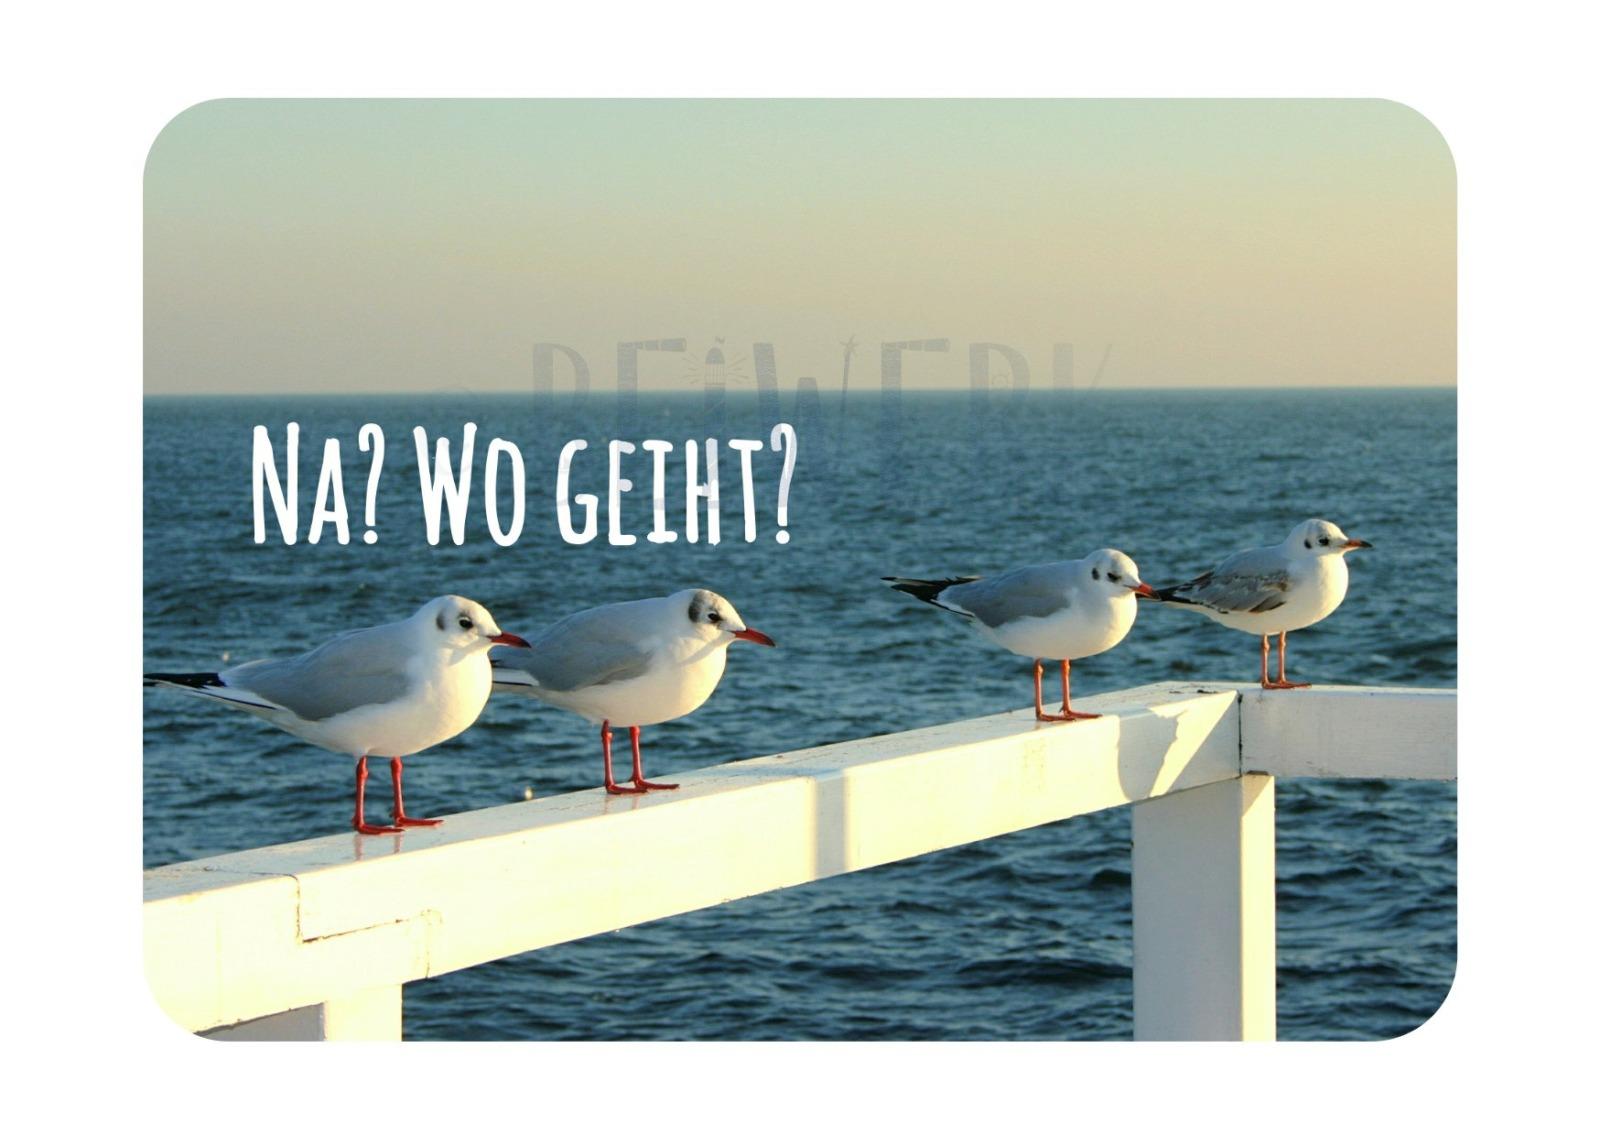 Postkarte Wo geiht - 1